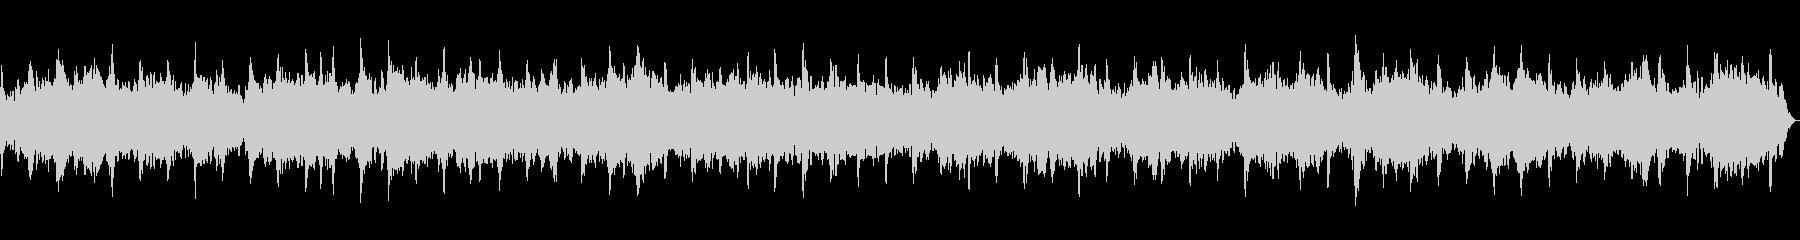 24【417Hz】ソルフェジオ周波数の未再生の波形